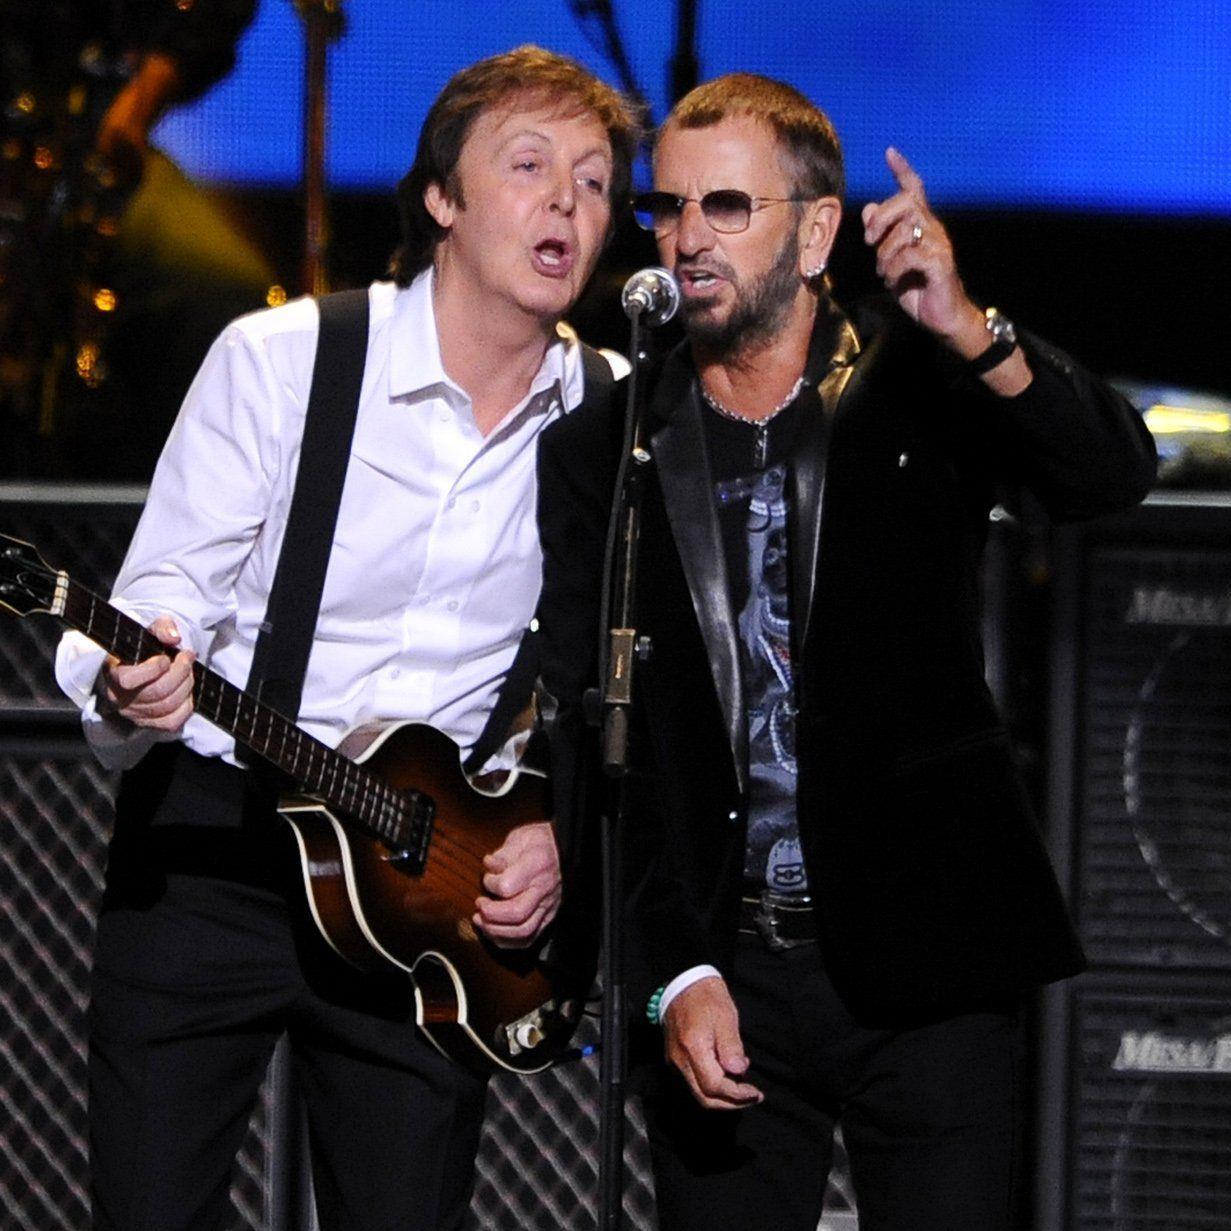 Paul McCartney und Ringo Starr werden bei den Grammy-Verleihungen auftreten.